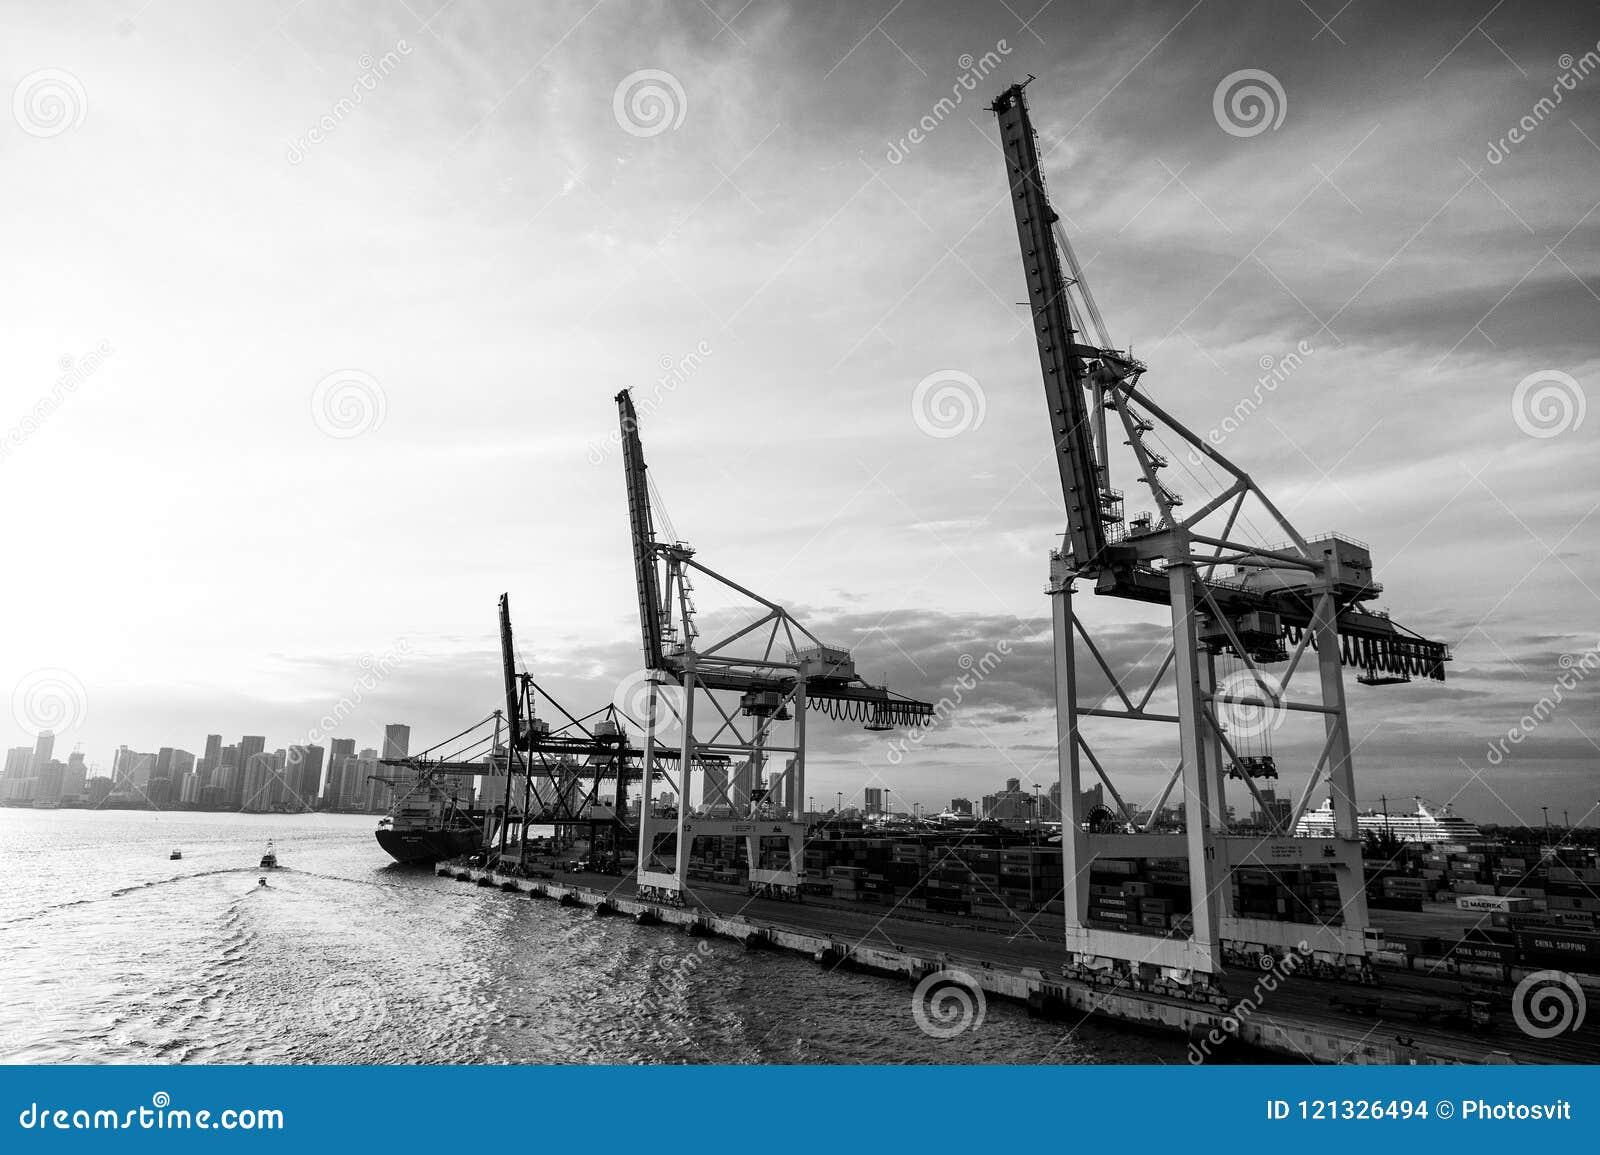 Торговля, коммерция, дело Морской порт контейнера с грузовим кораблем, кранами Морской порт, стержень или док Доставка перевозки